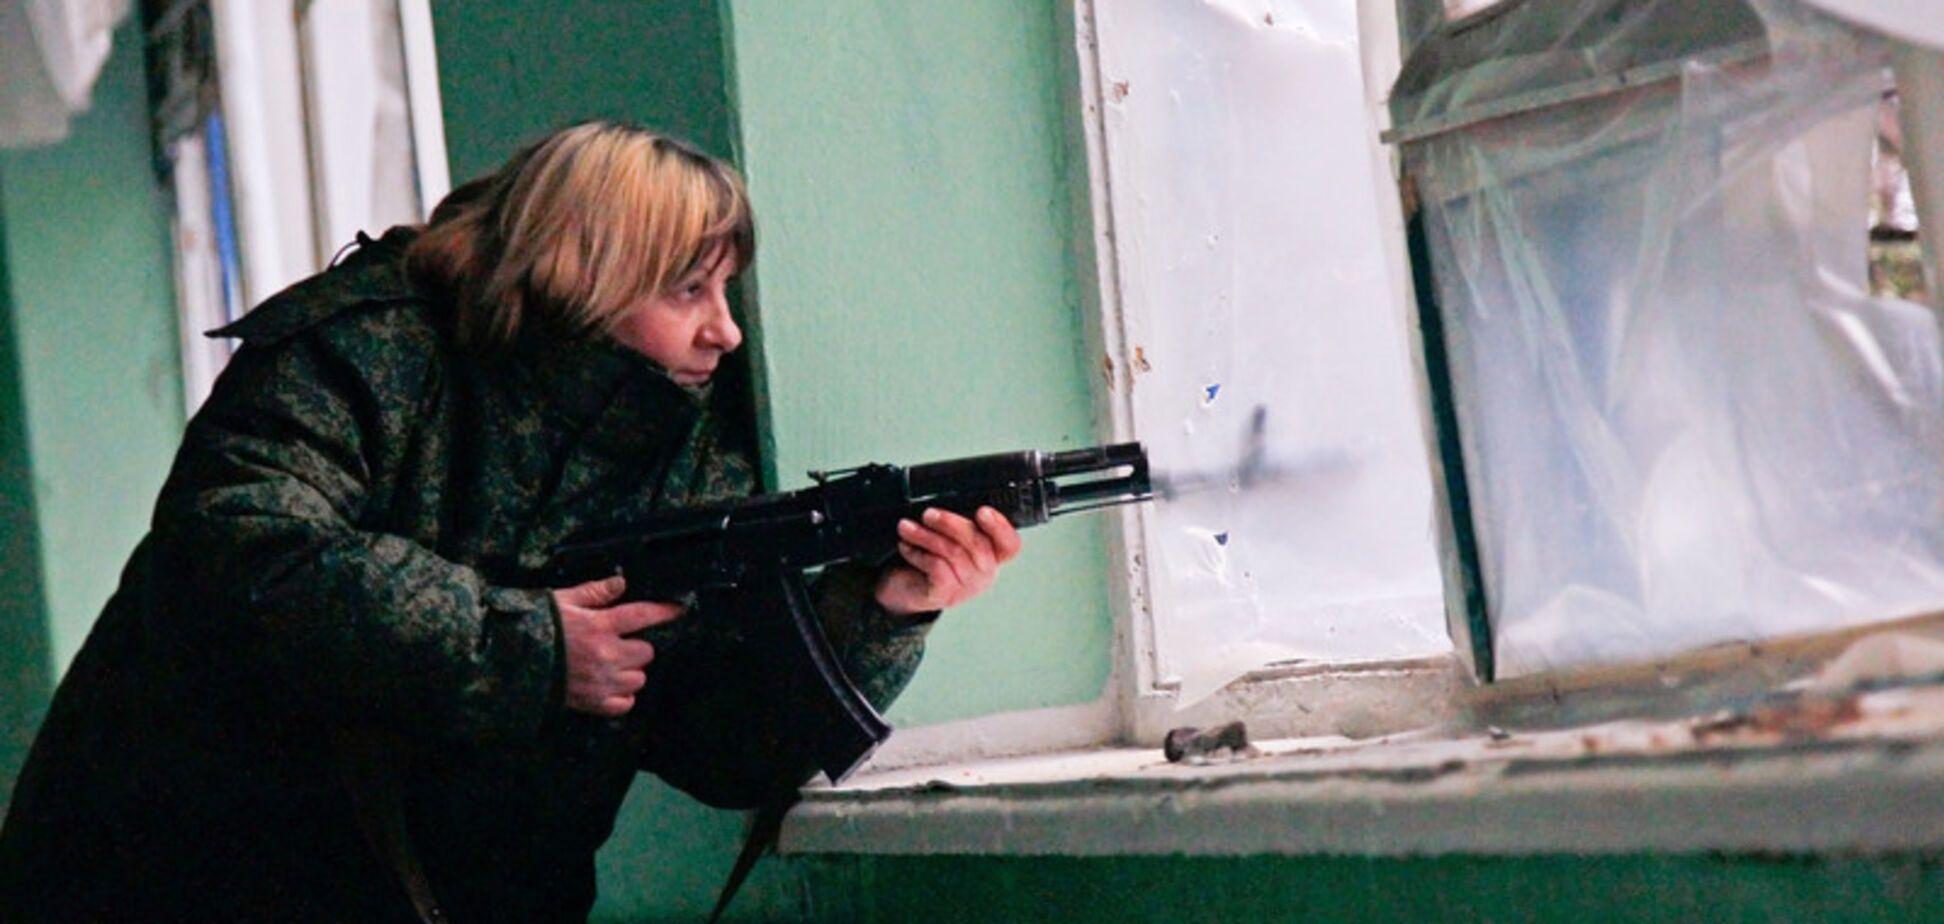 'Выморочная квартира': в 'ДНР' показали, как 'отжимают' жилье у людей